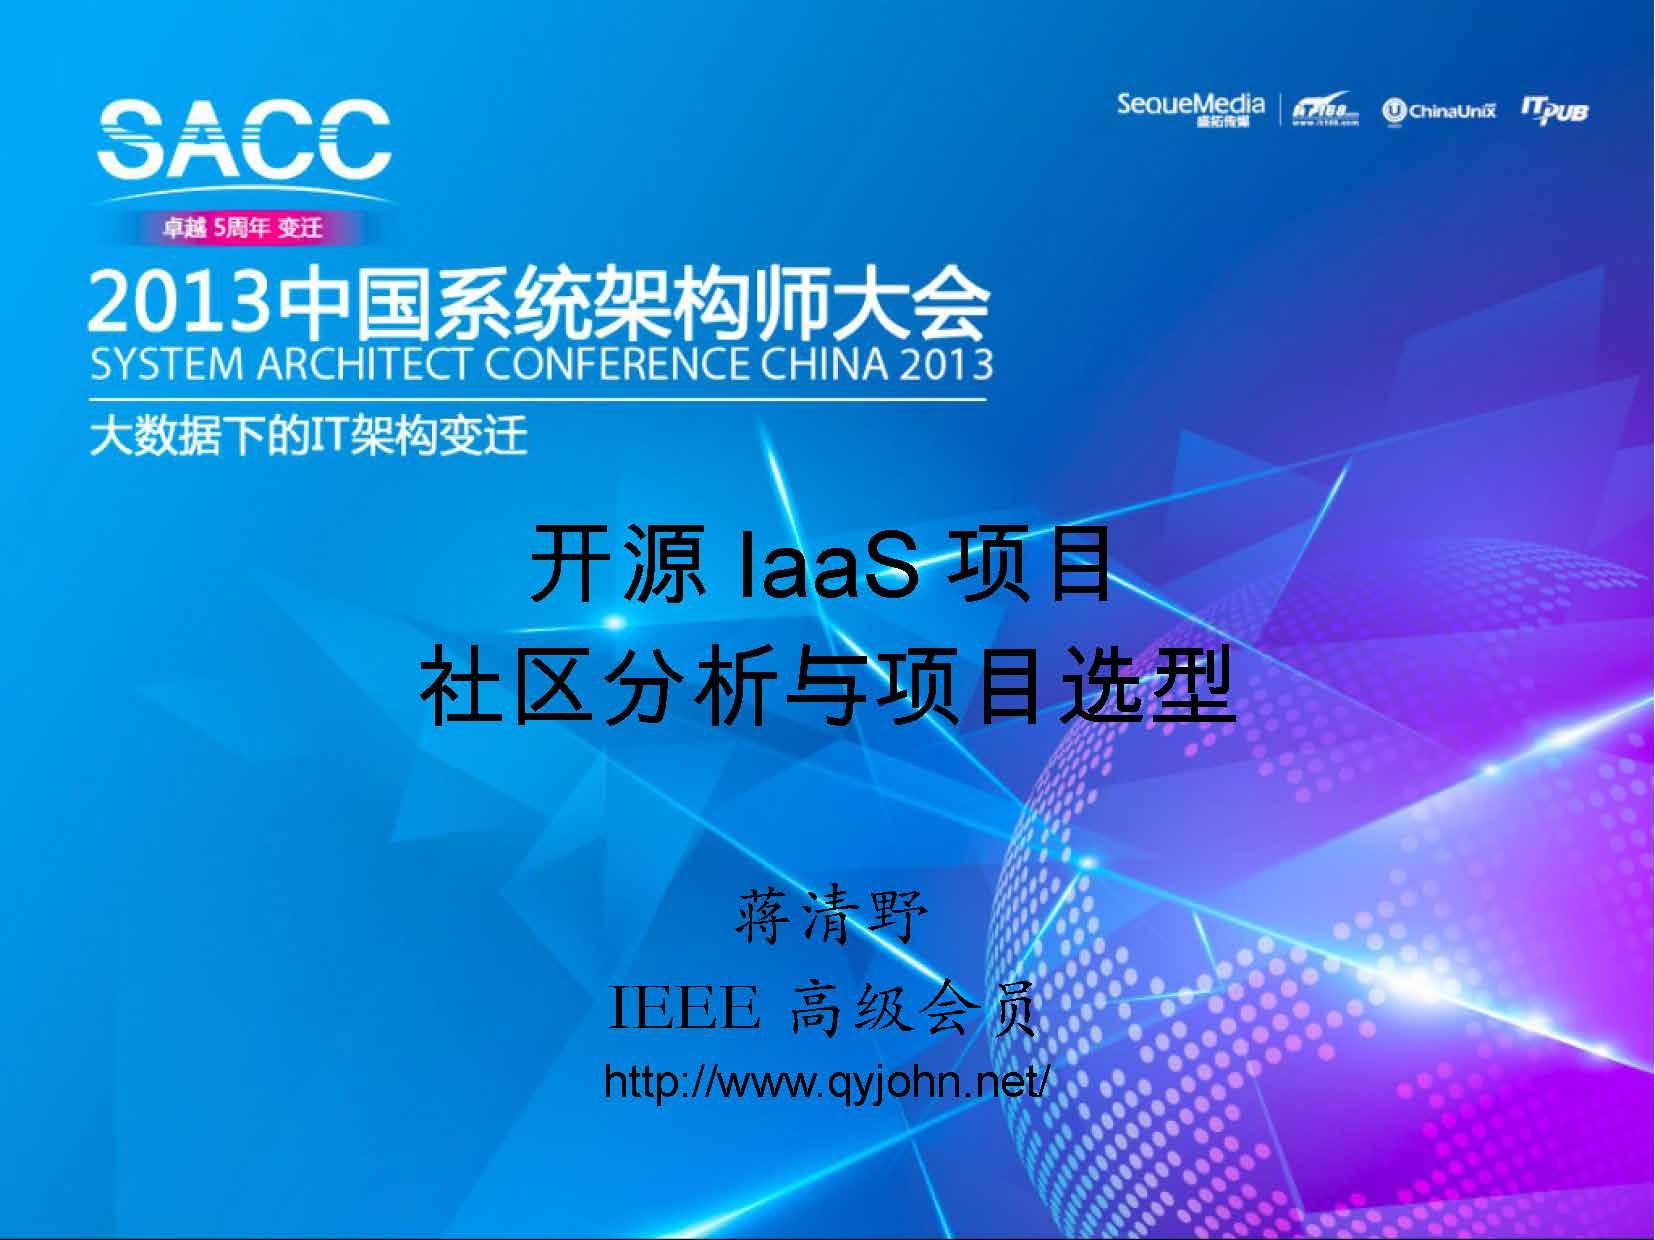 蒋清野-开源IaaS项目社区分析与项目选型